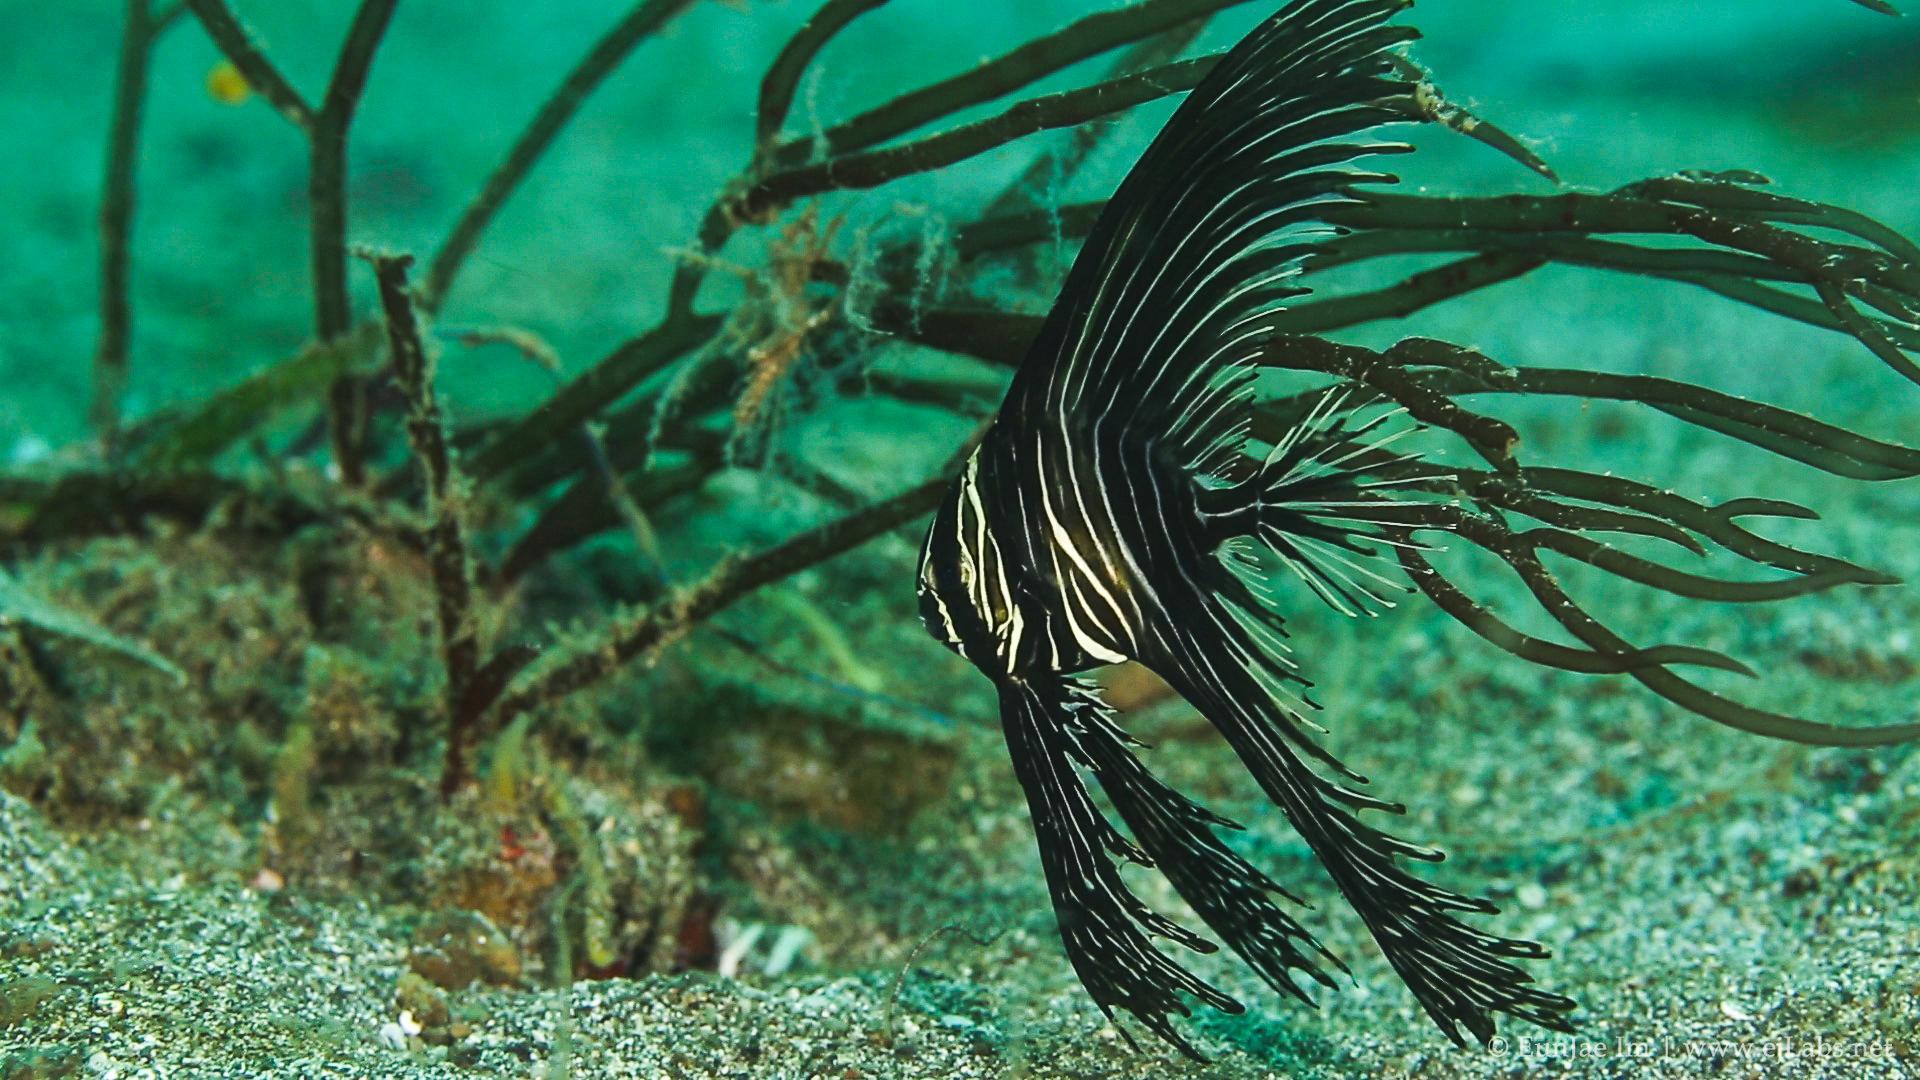 Zebra Batfish - Juvenile Batavia Spadefish